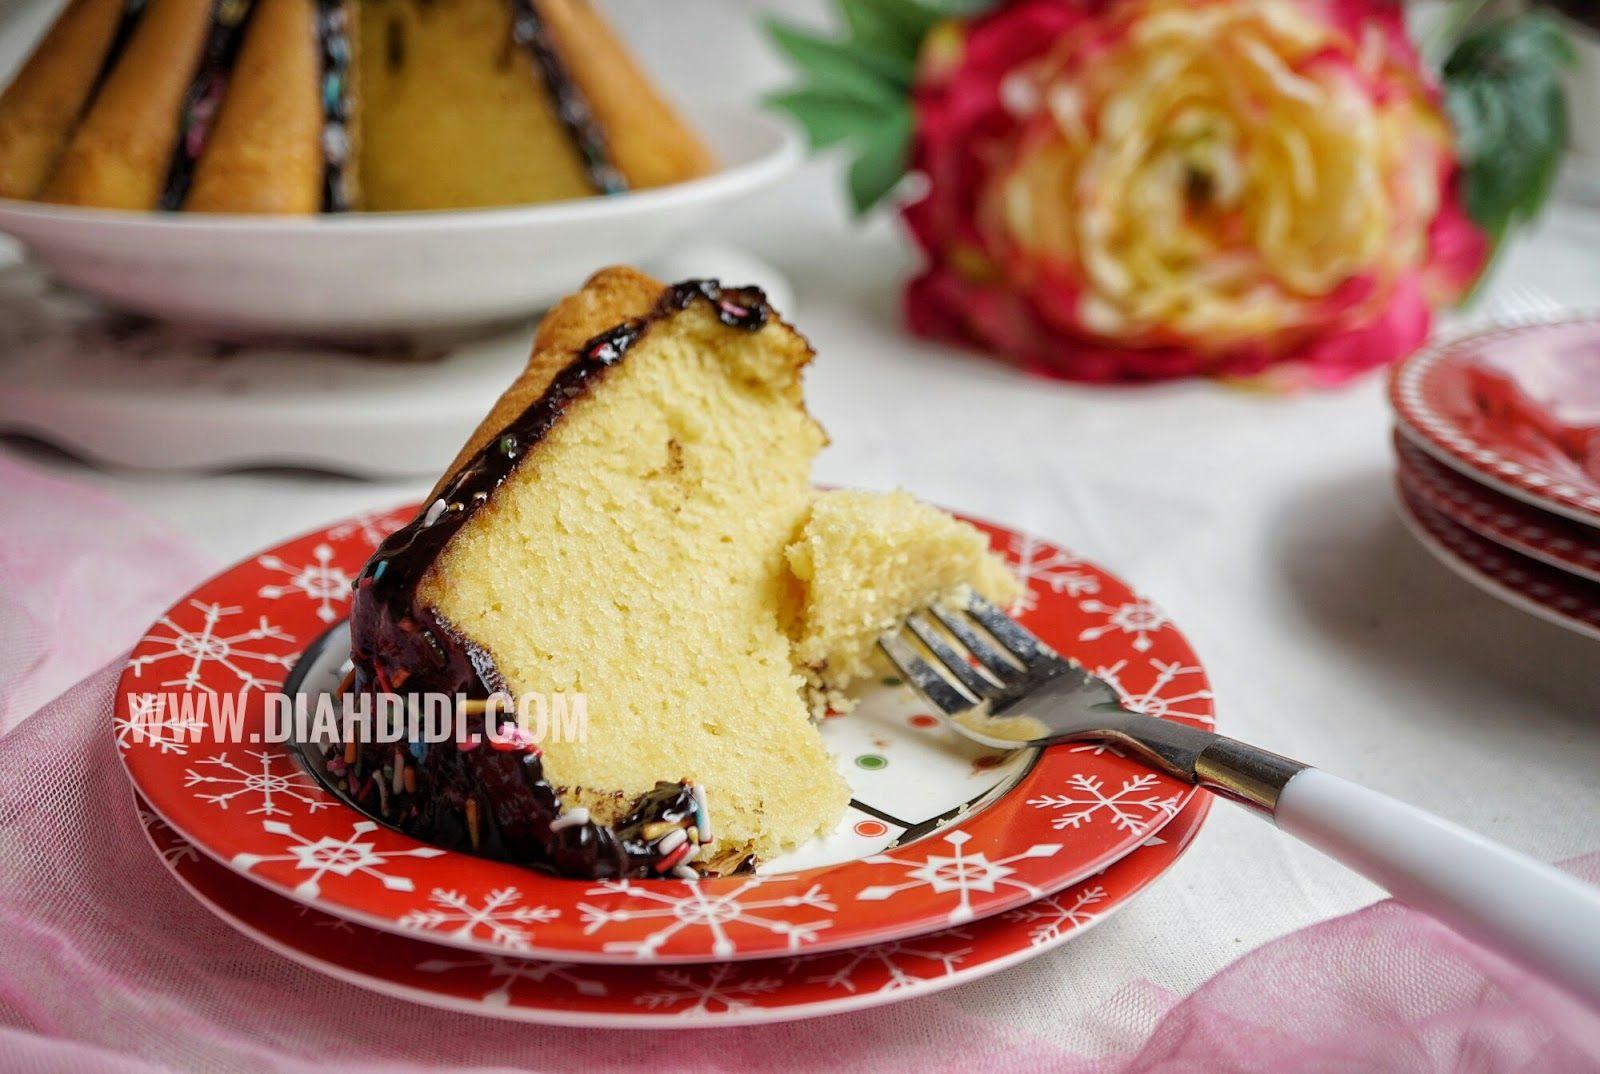 blog diah didi berisi resep masakan praktis  mudah dipraktekkan  rumah kue mentega Resepi Rempeyek Kacang Enak dan Mudah